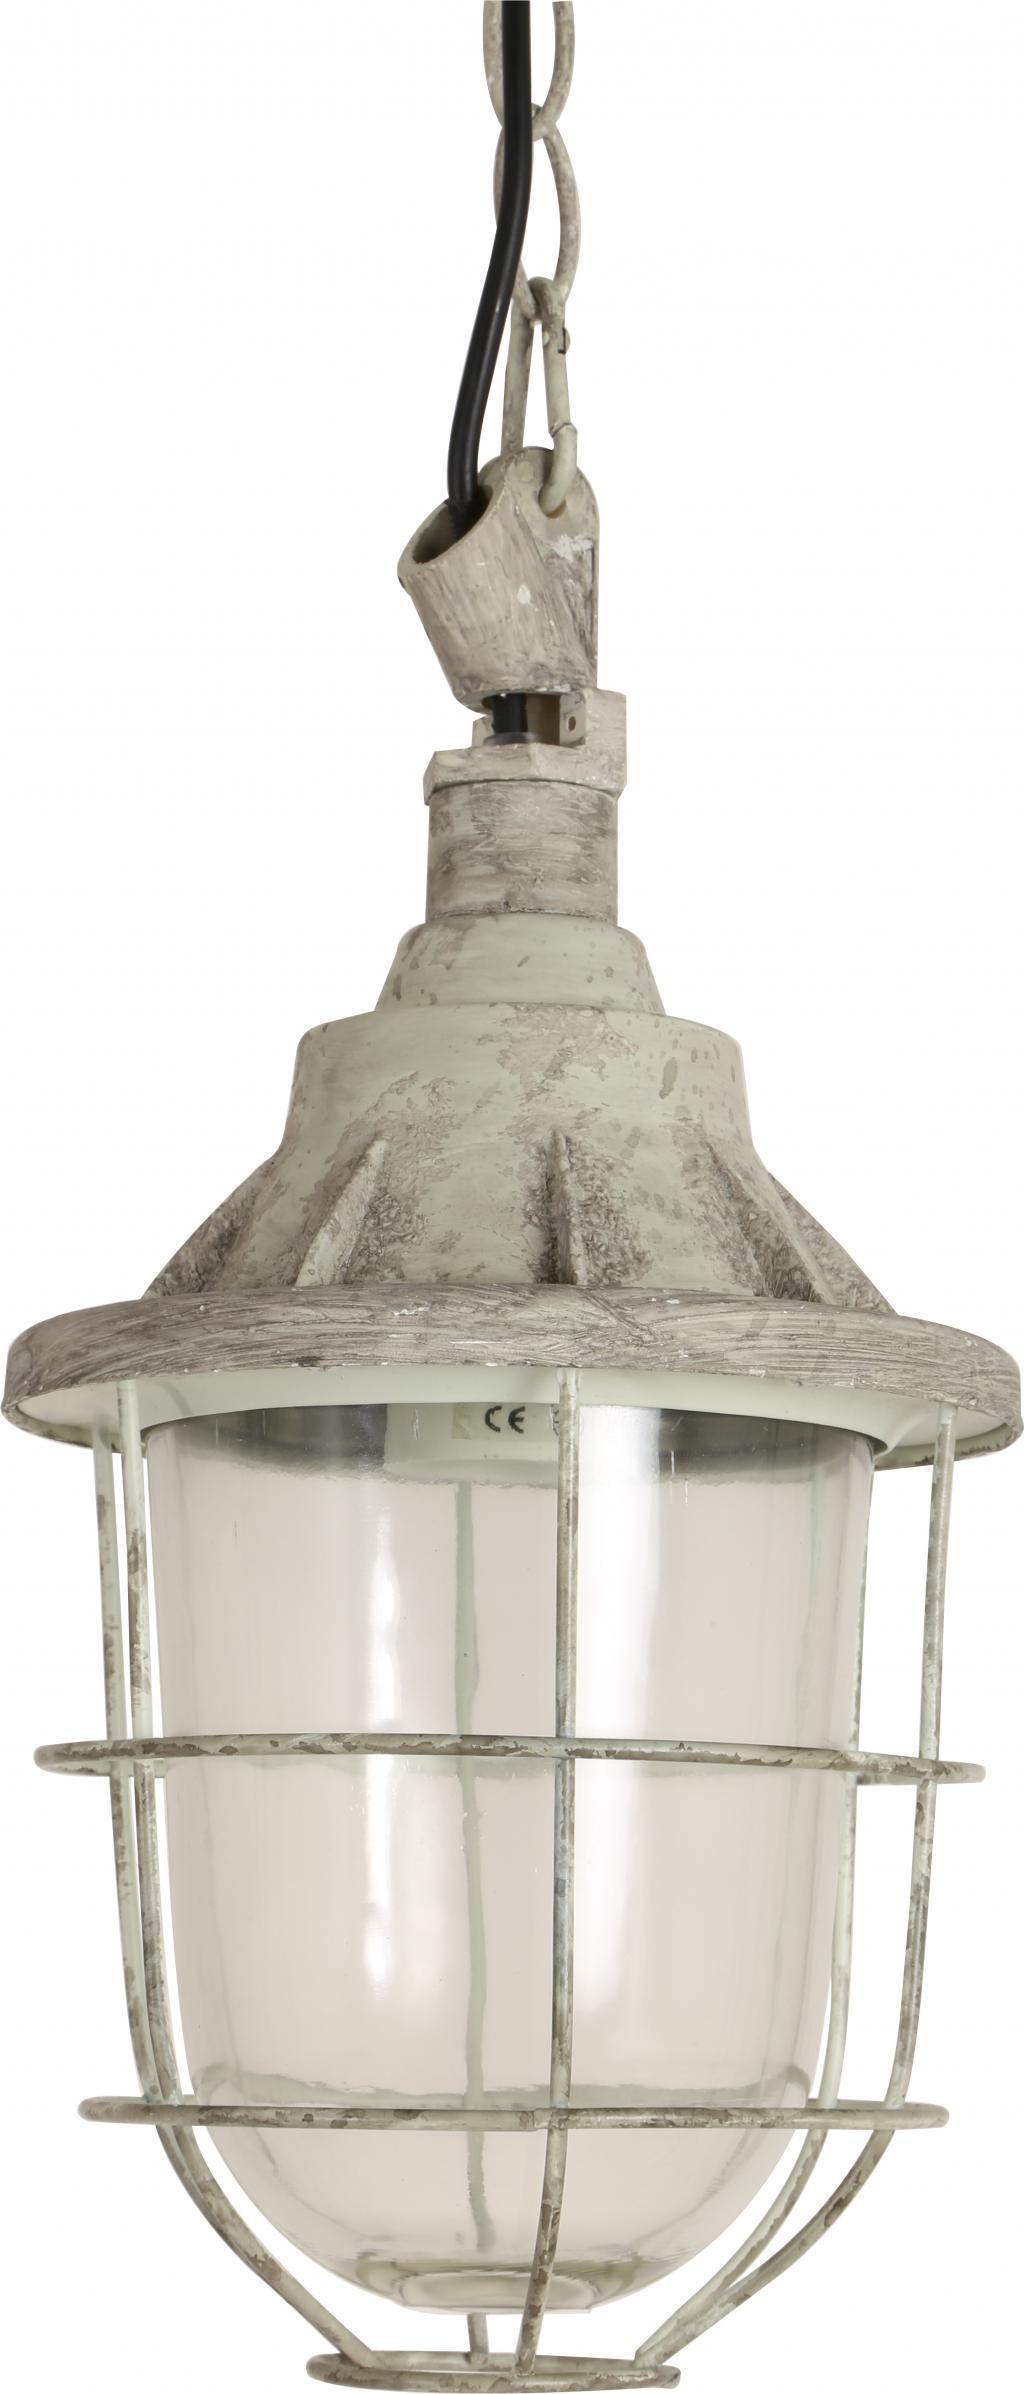 hanglamp---quarry---17cm---grijs---light-and-living[3].jpg